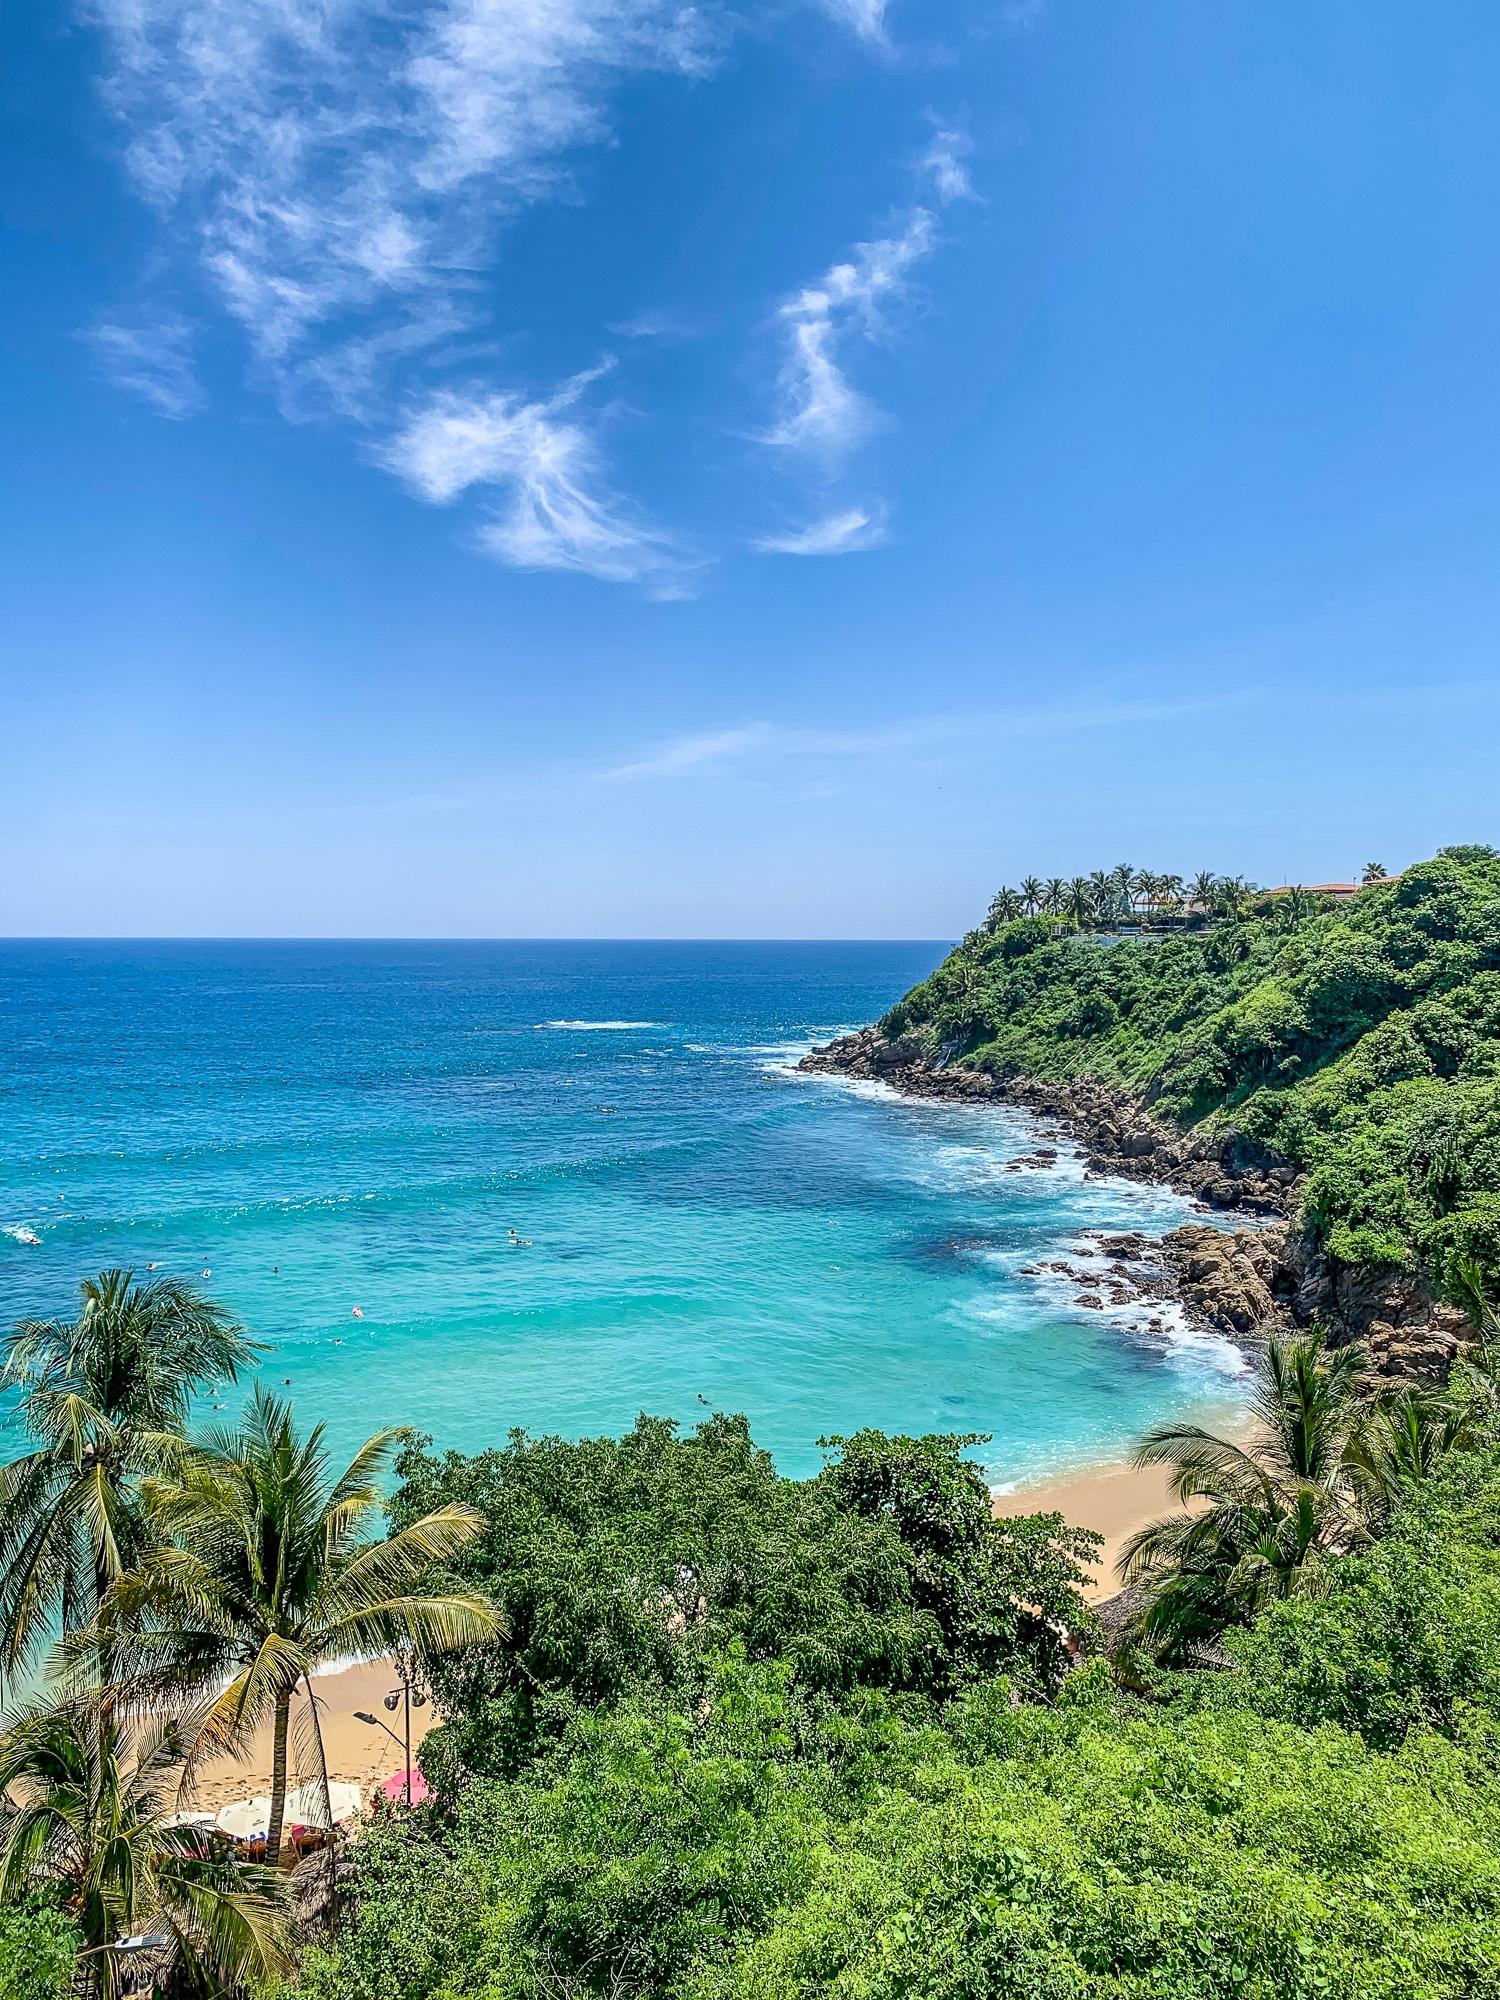 Puerto Escondido: Highlights, Erlebnisse und Ausflugsziele in Mexiko - Playa Carrizalillo